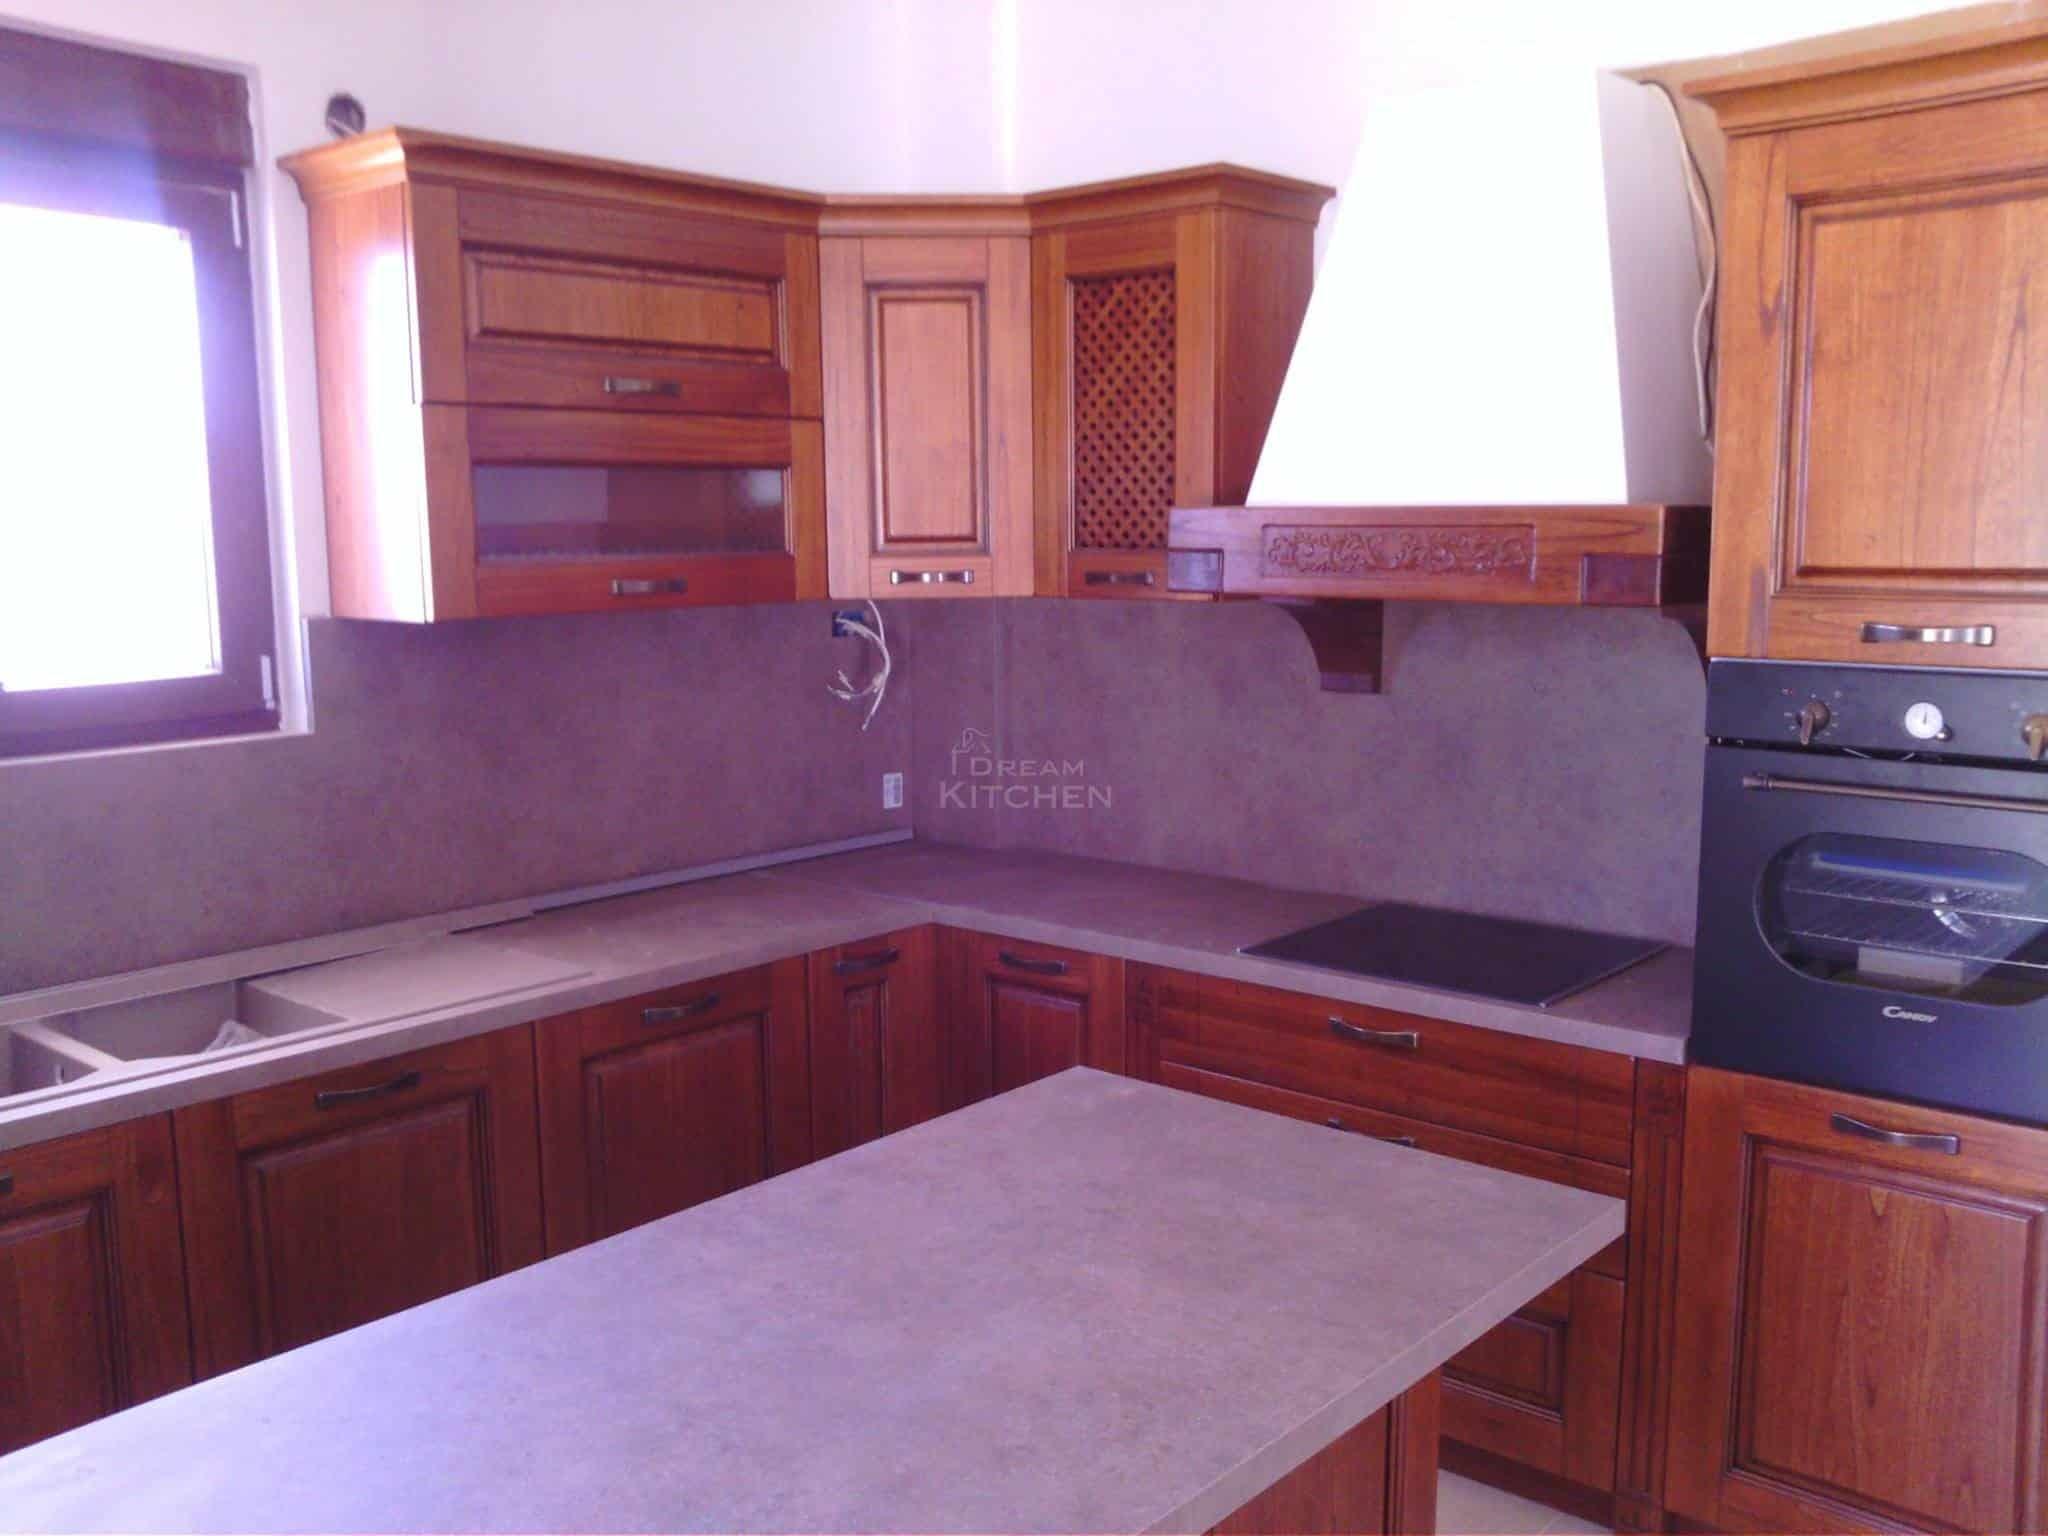 Επιπλα Κουζινας Μασιφ Ξυλο σε χρωματισμο Καστανια 4